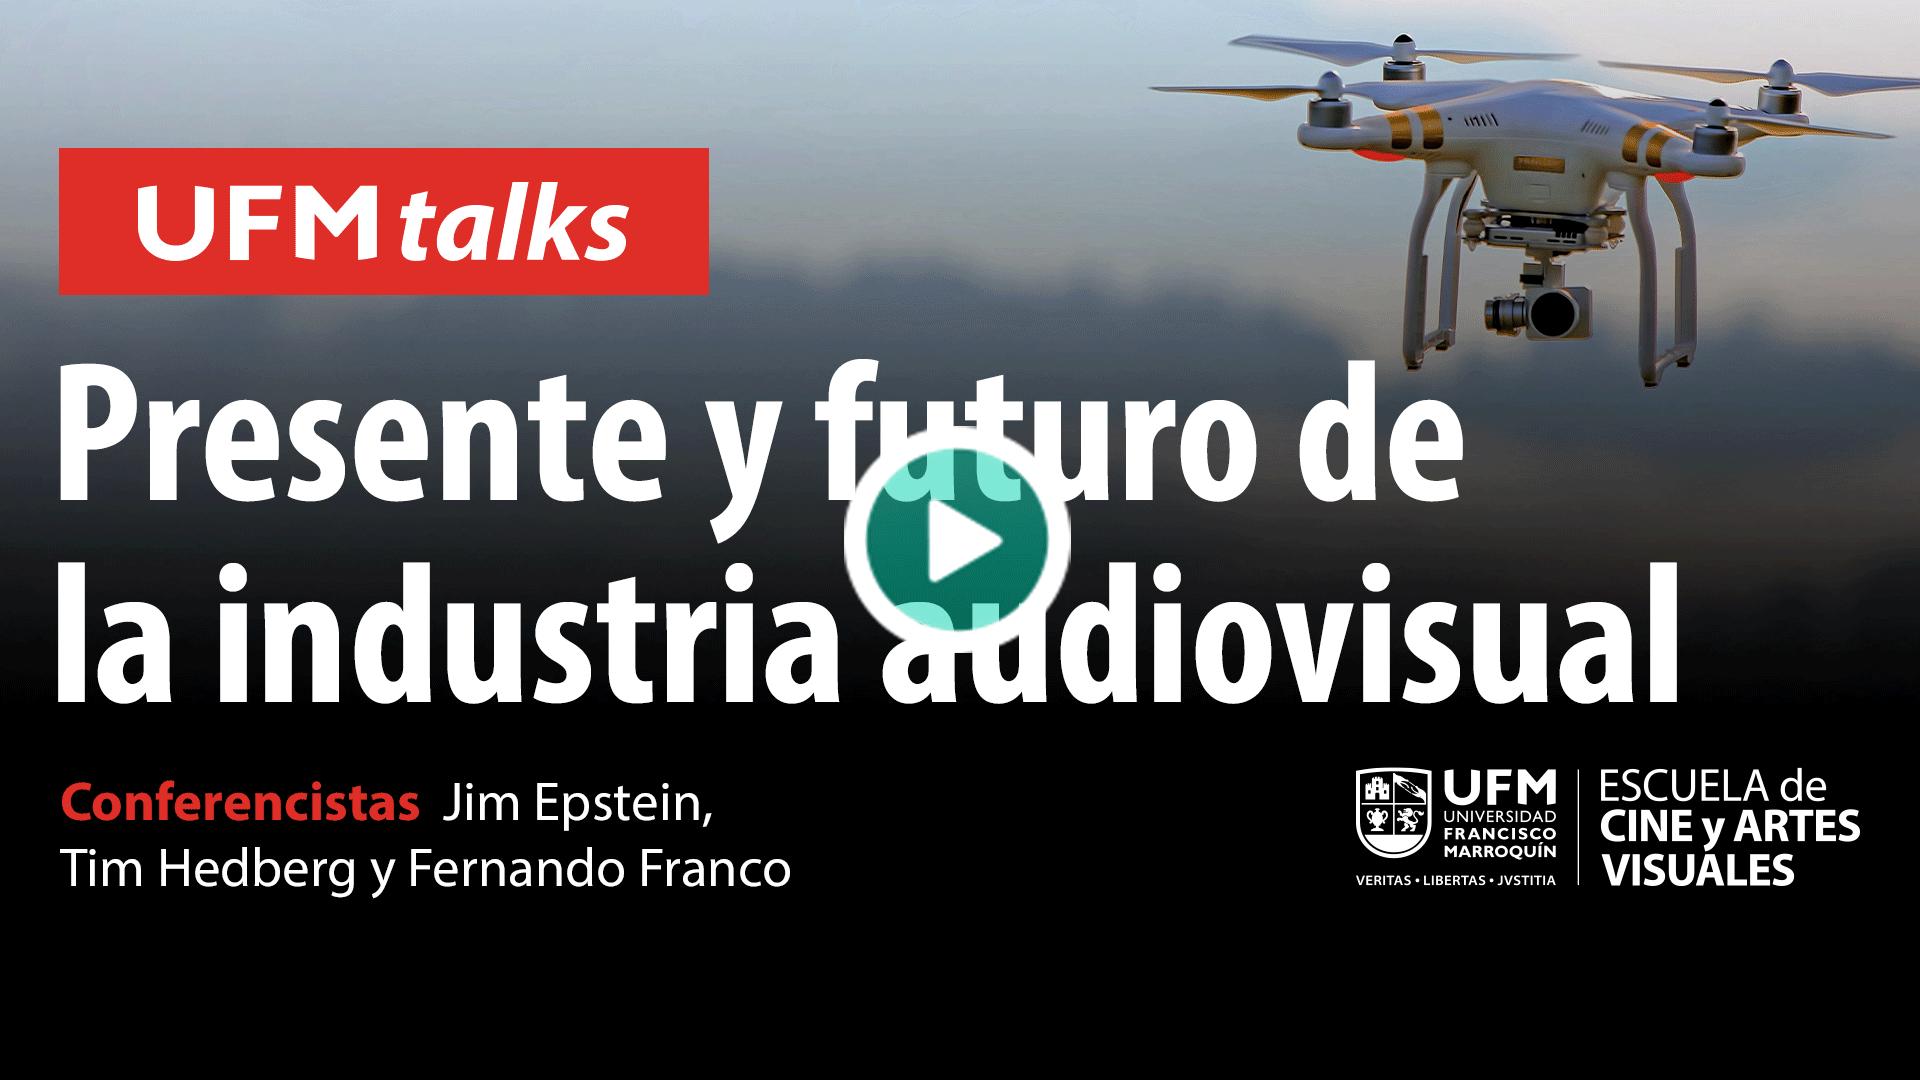 20200702_ufmtalks18_El-presente-y-futuro-de-la-industria-audiovisual